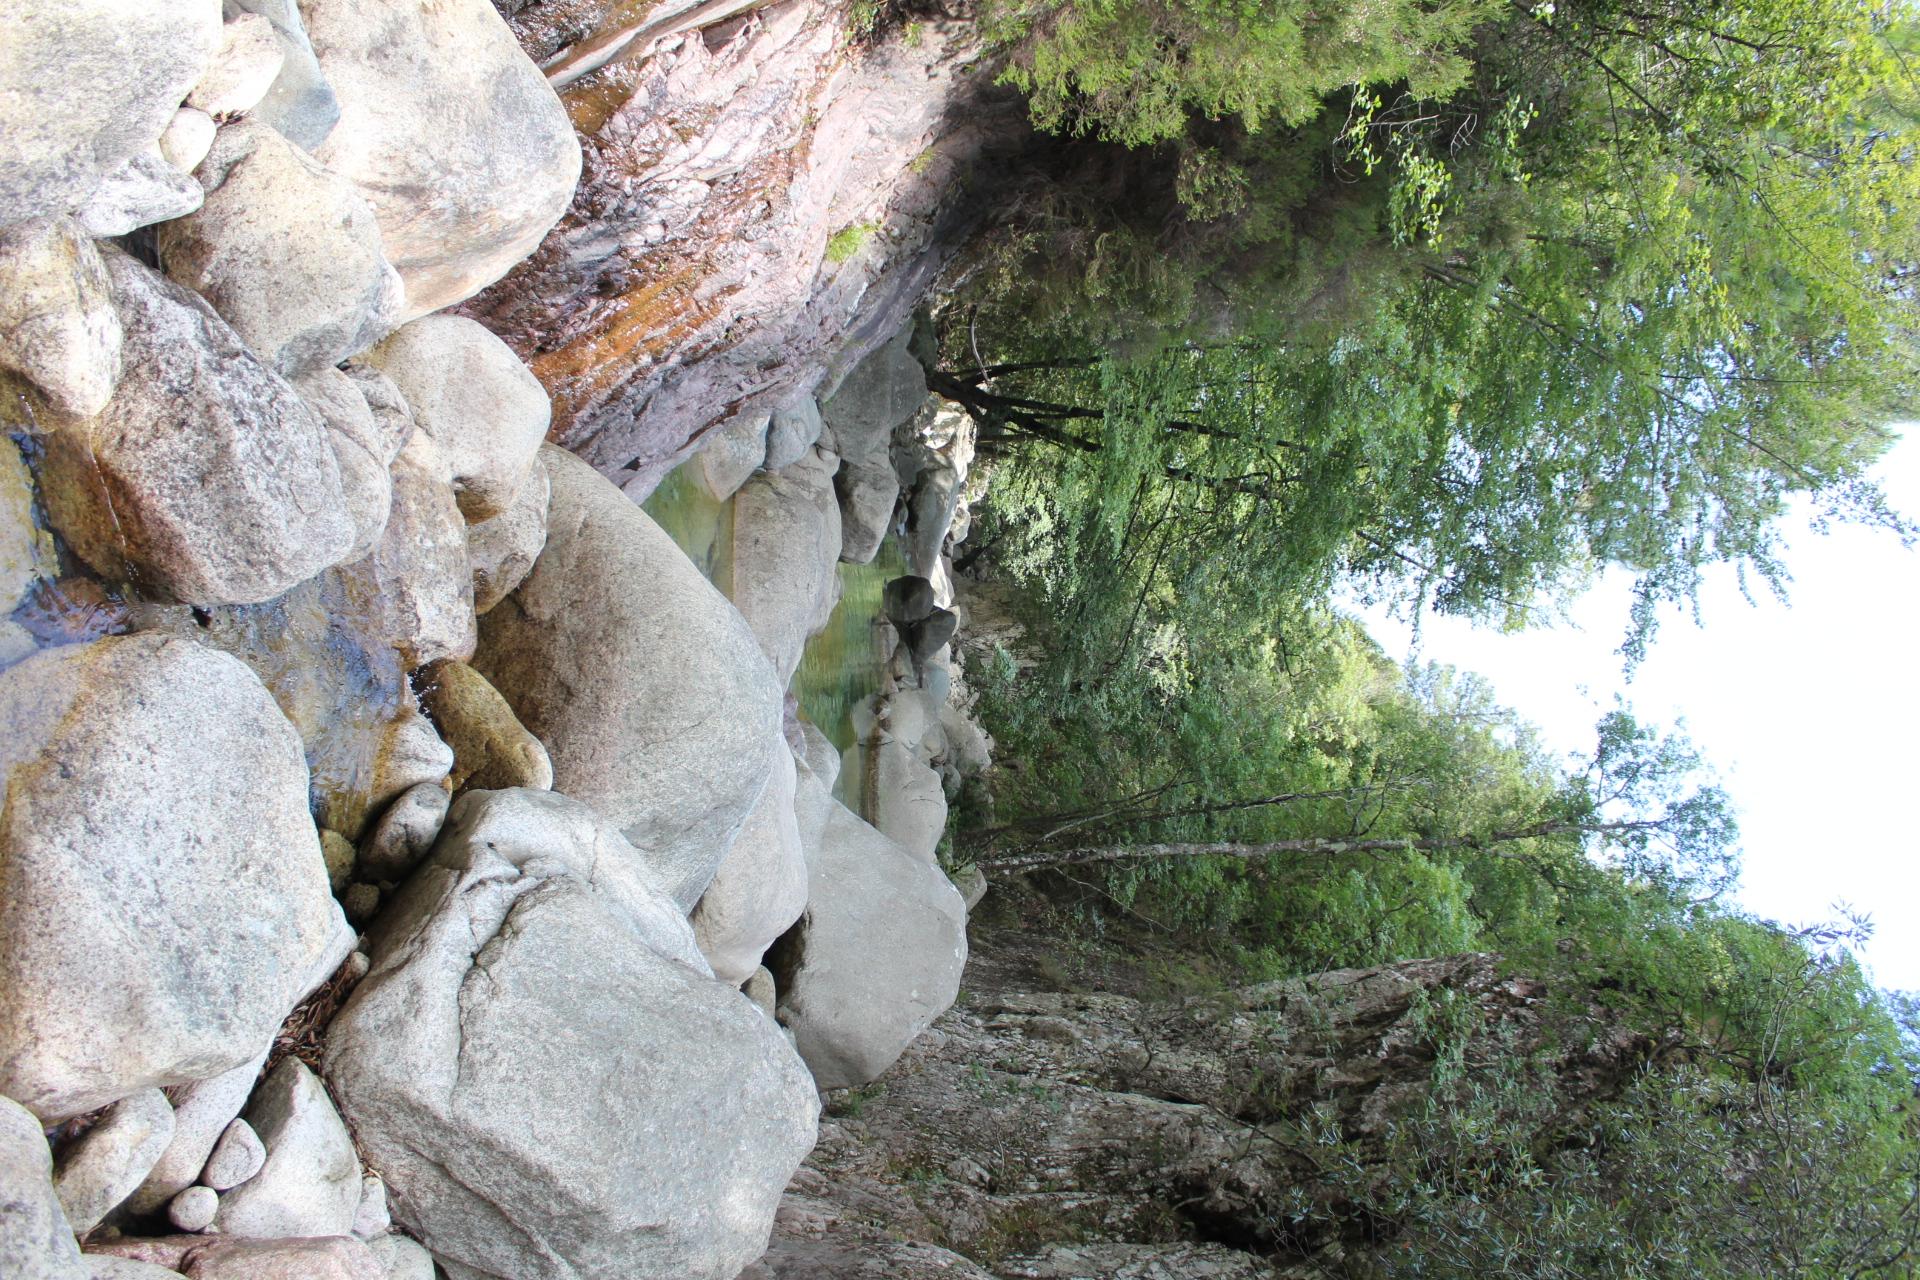 riviere puischellu